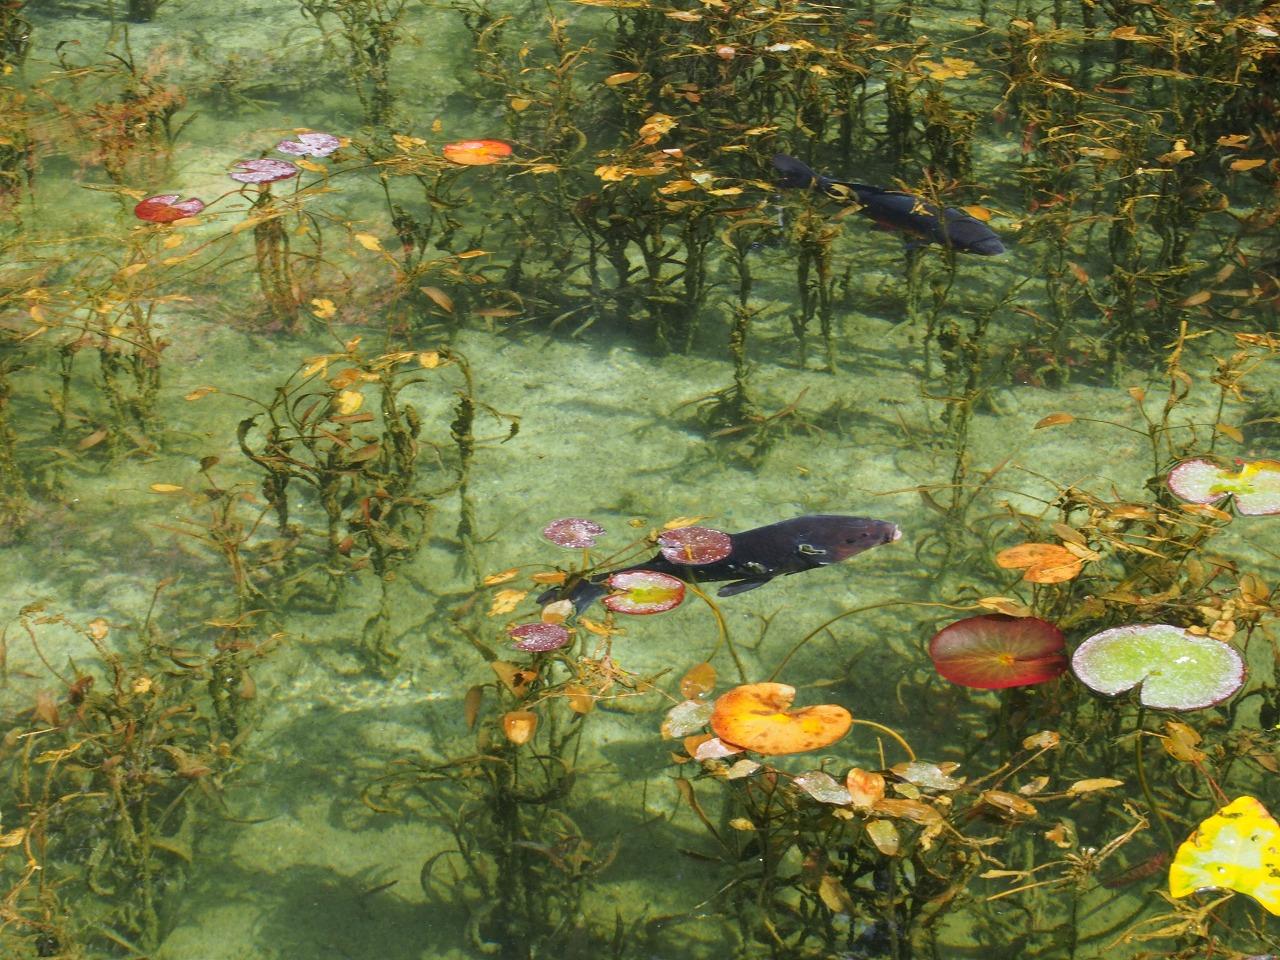 モネの池鯉4